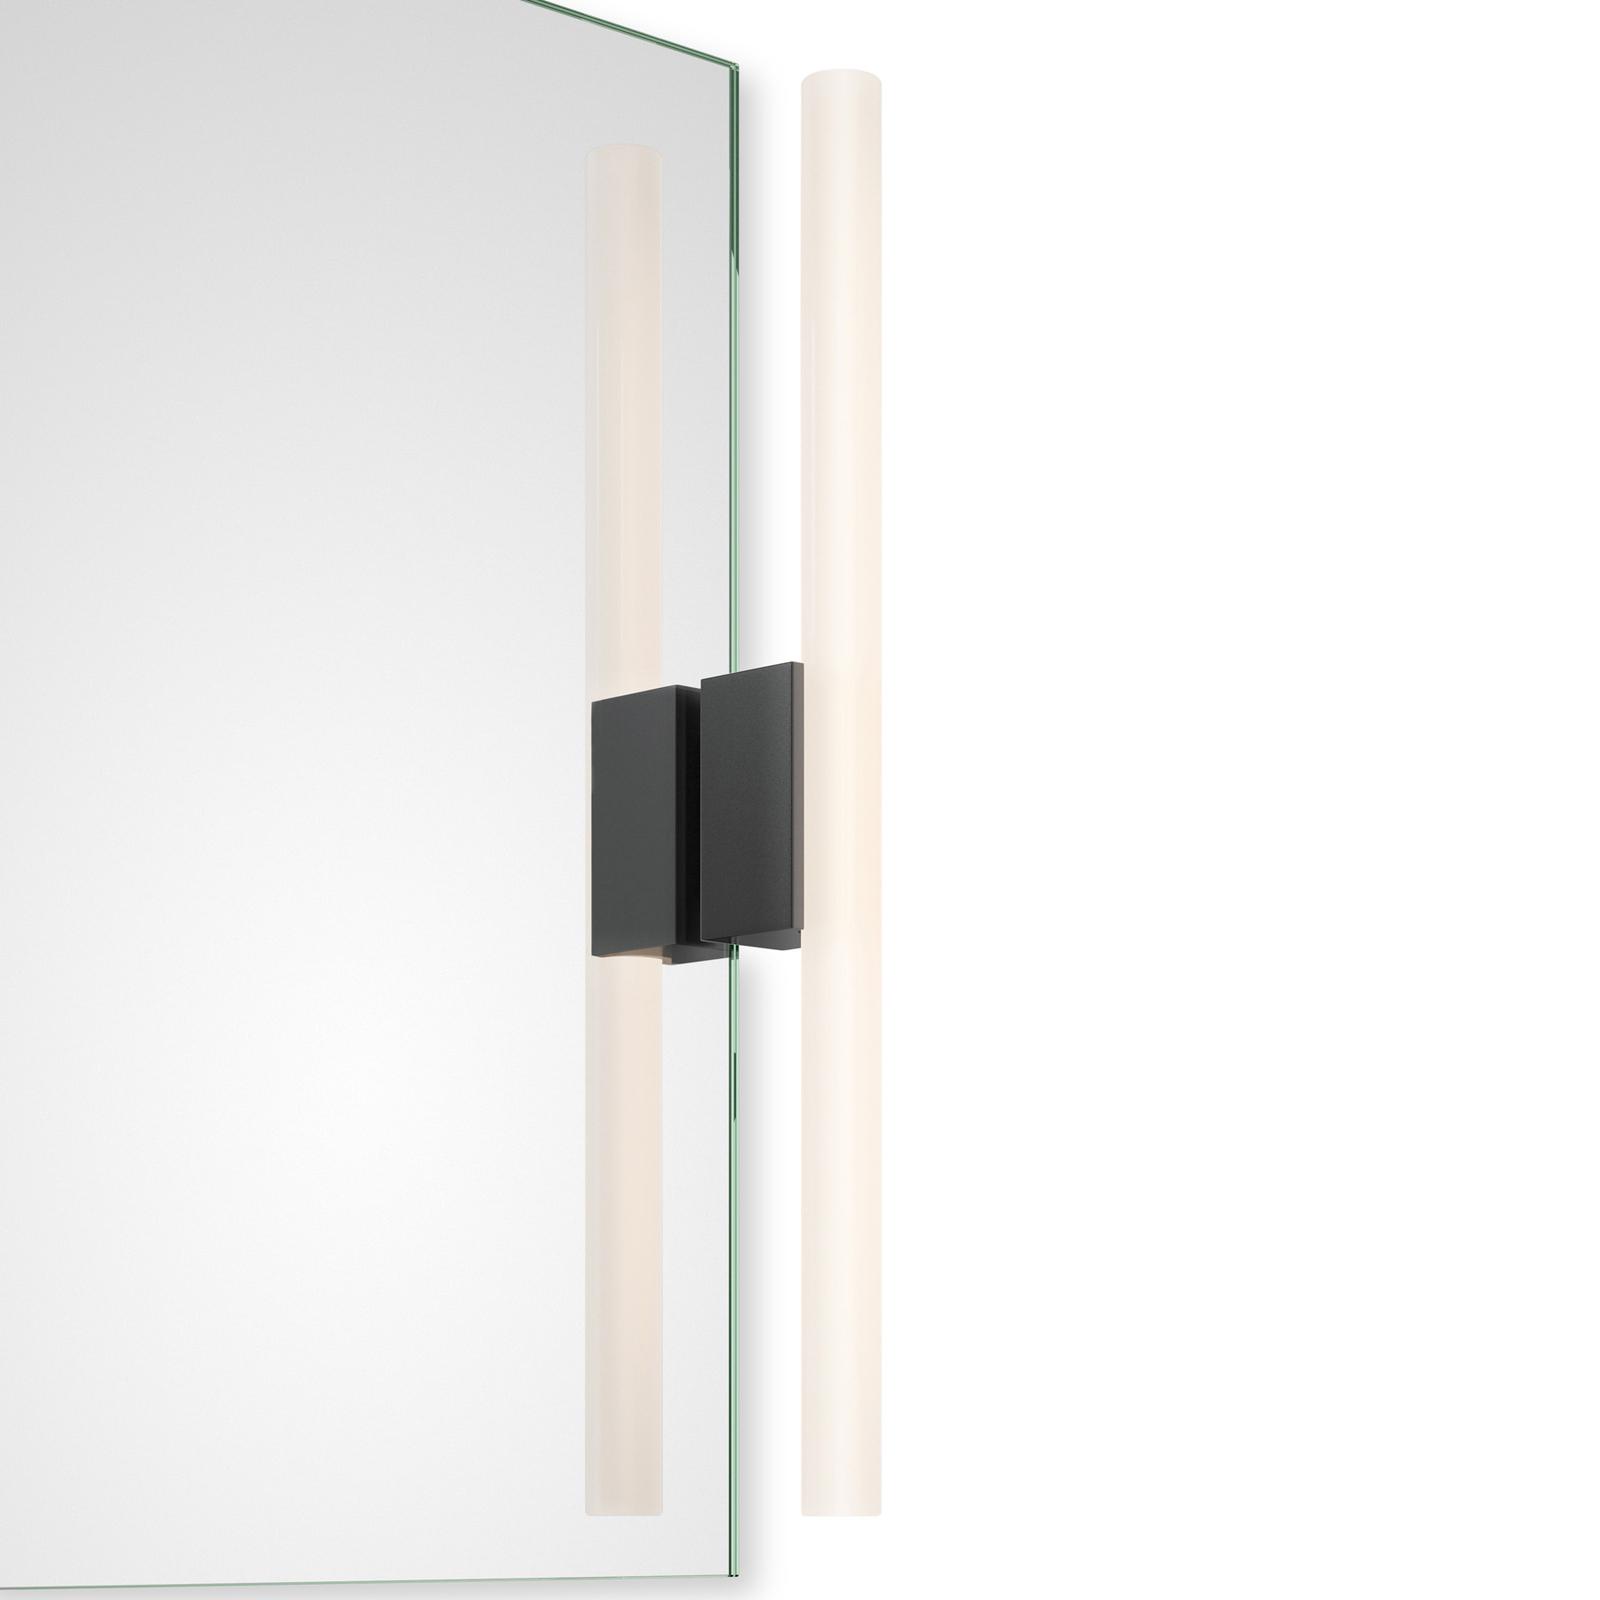 Decor Walther Omega 1 applique pour miroir noire